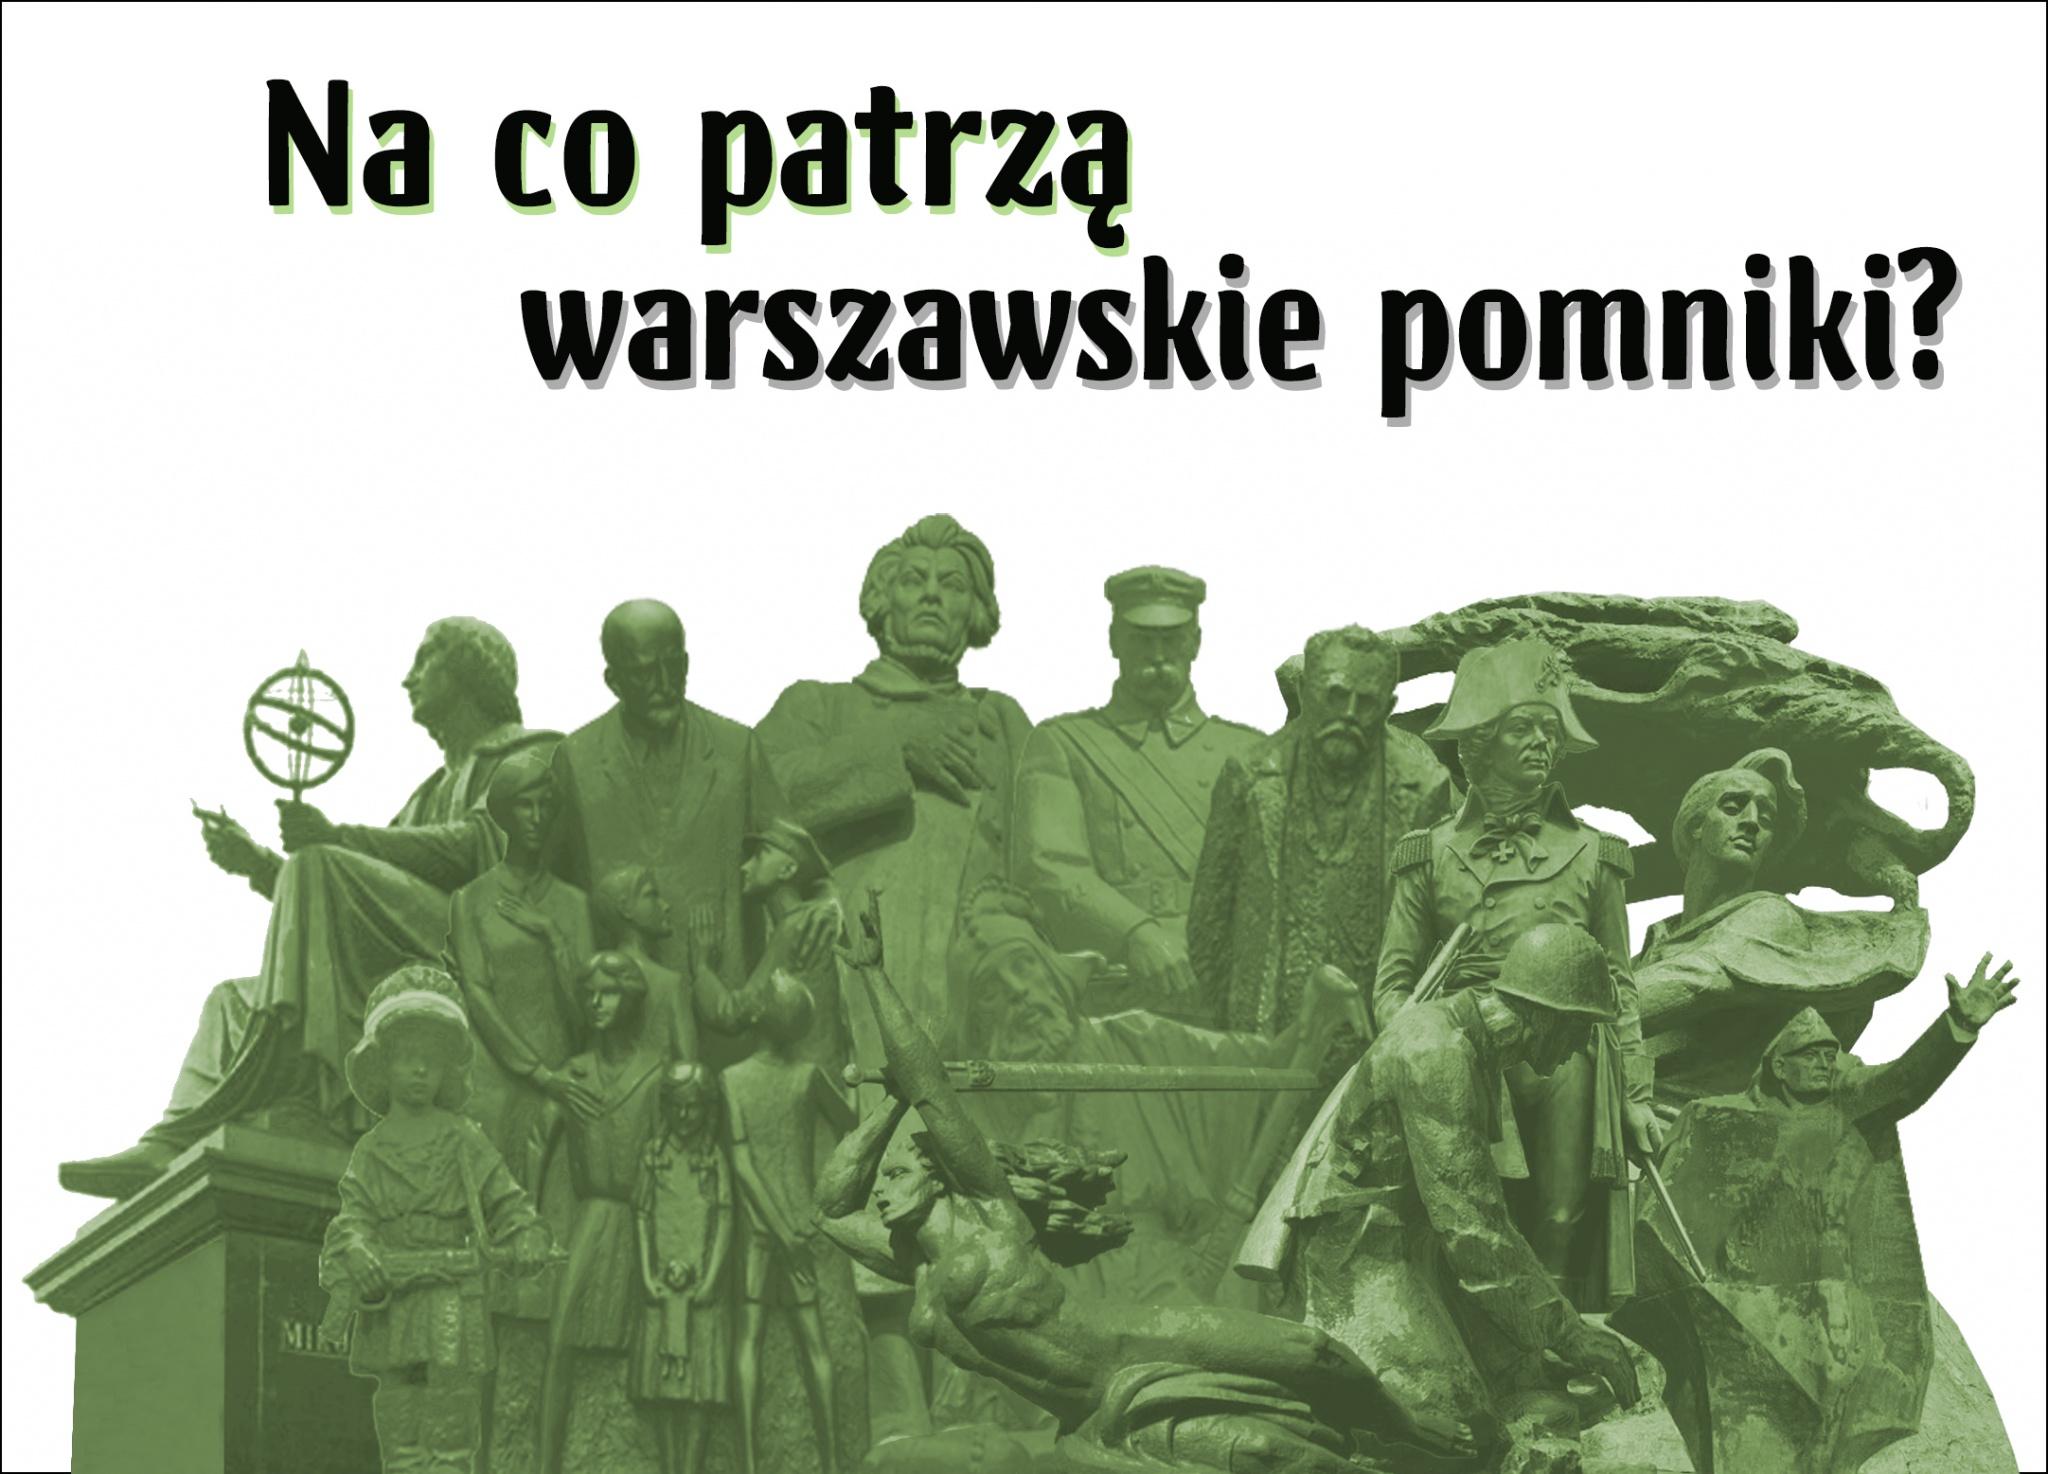 Na co patrza warszawskie pomniki?